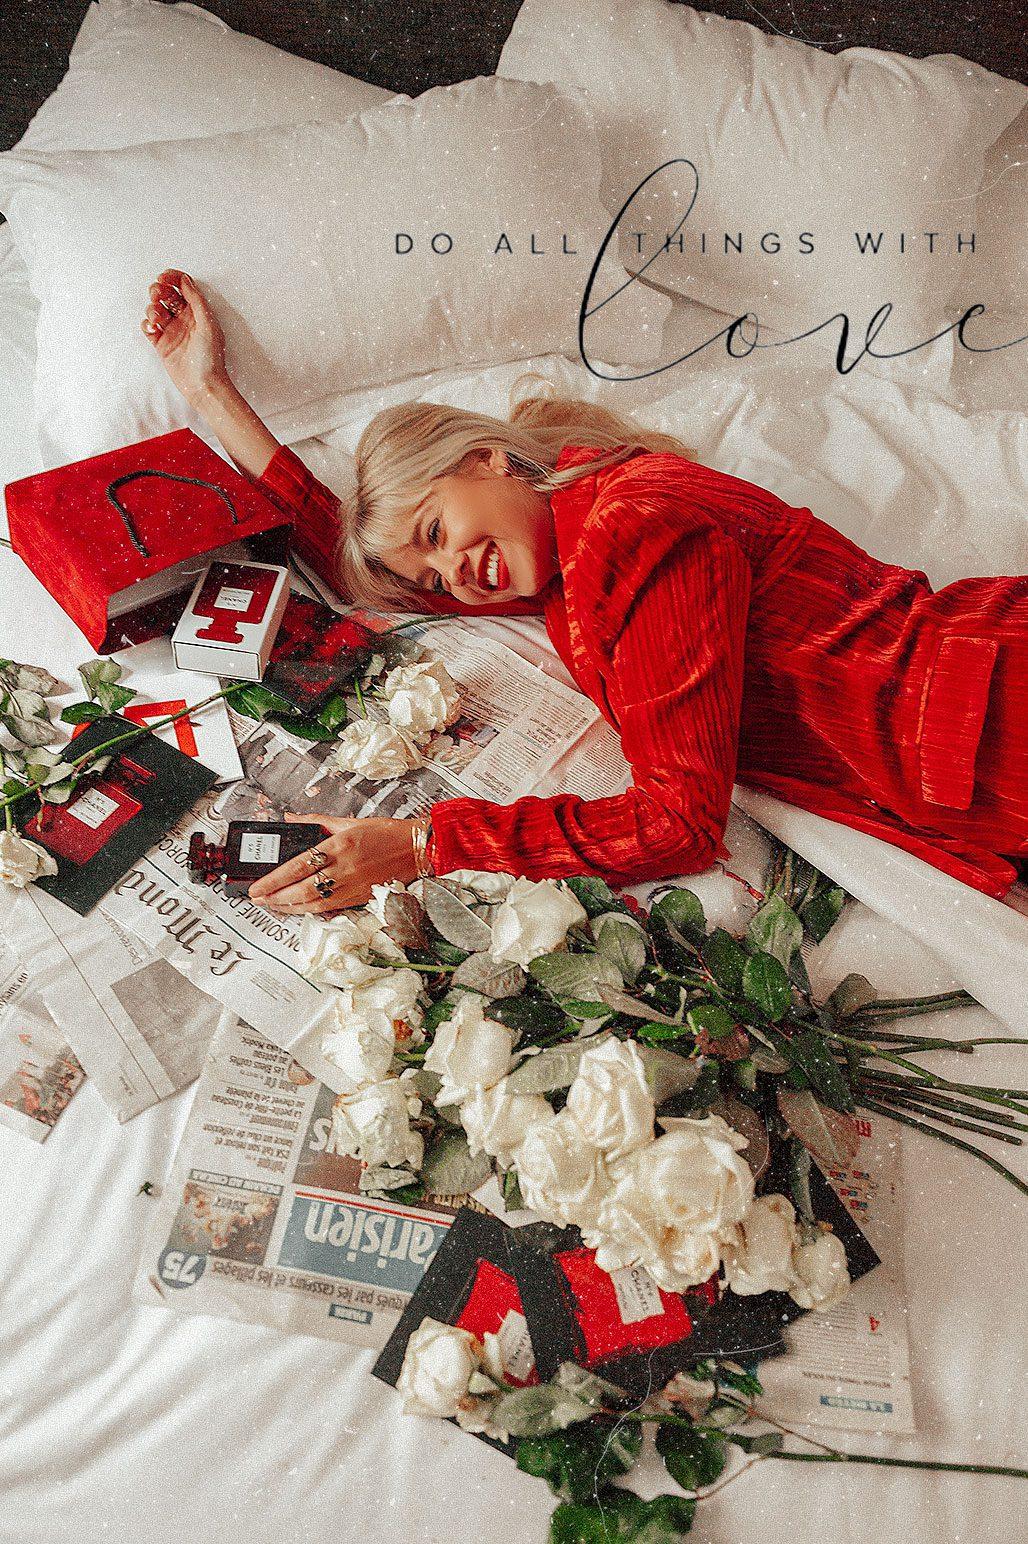 Edition limitée du parfum n°5 de Chanel